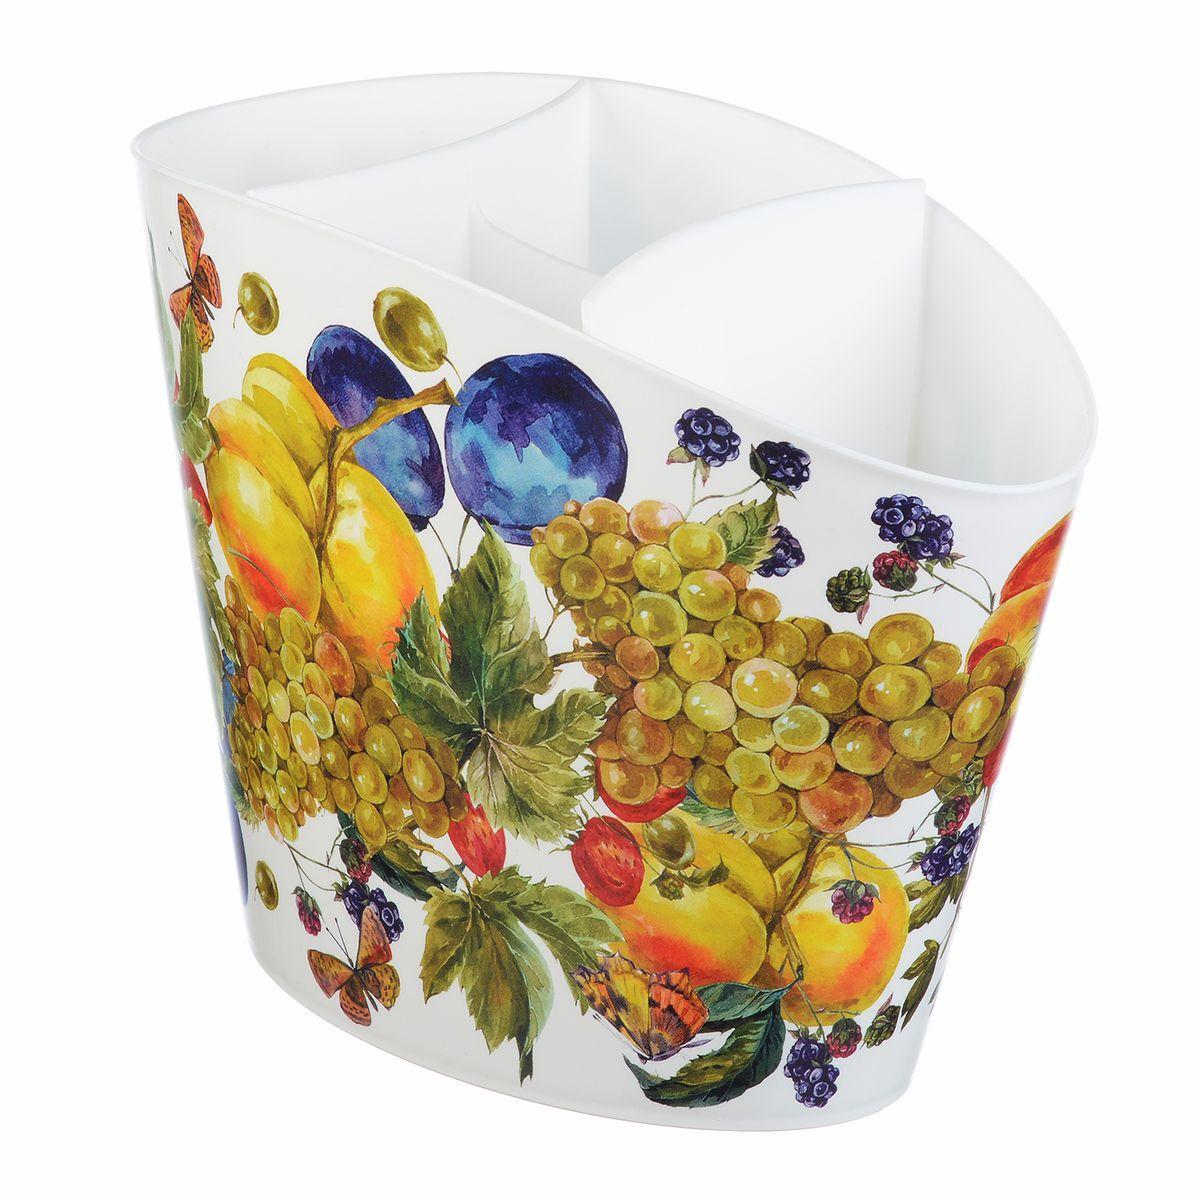 Сушилка для для столовых приборов Idea Деко. Фрукты2142_голубойСушилка для столовых приборов Idea, выполненная из высококачественного пластика, станет полезным приобретением для вашей кухни. Сушилка имеет три отделения для разных видов столовых приборов. Дно отделений оснащено отверстиями. Сушилка удобна в использовании и имеет современный дизайн, который станет ярким акцентом в интерьере вашей кухни. Размер сушилки: 19,5 см х 15,5 см х 11 см.